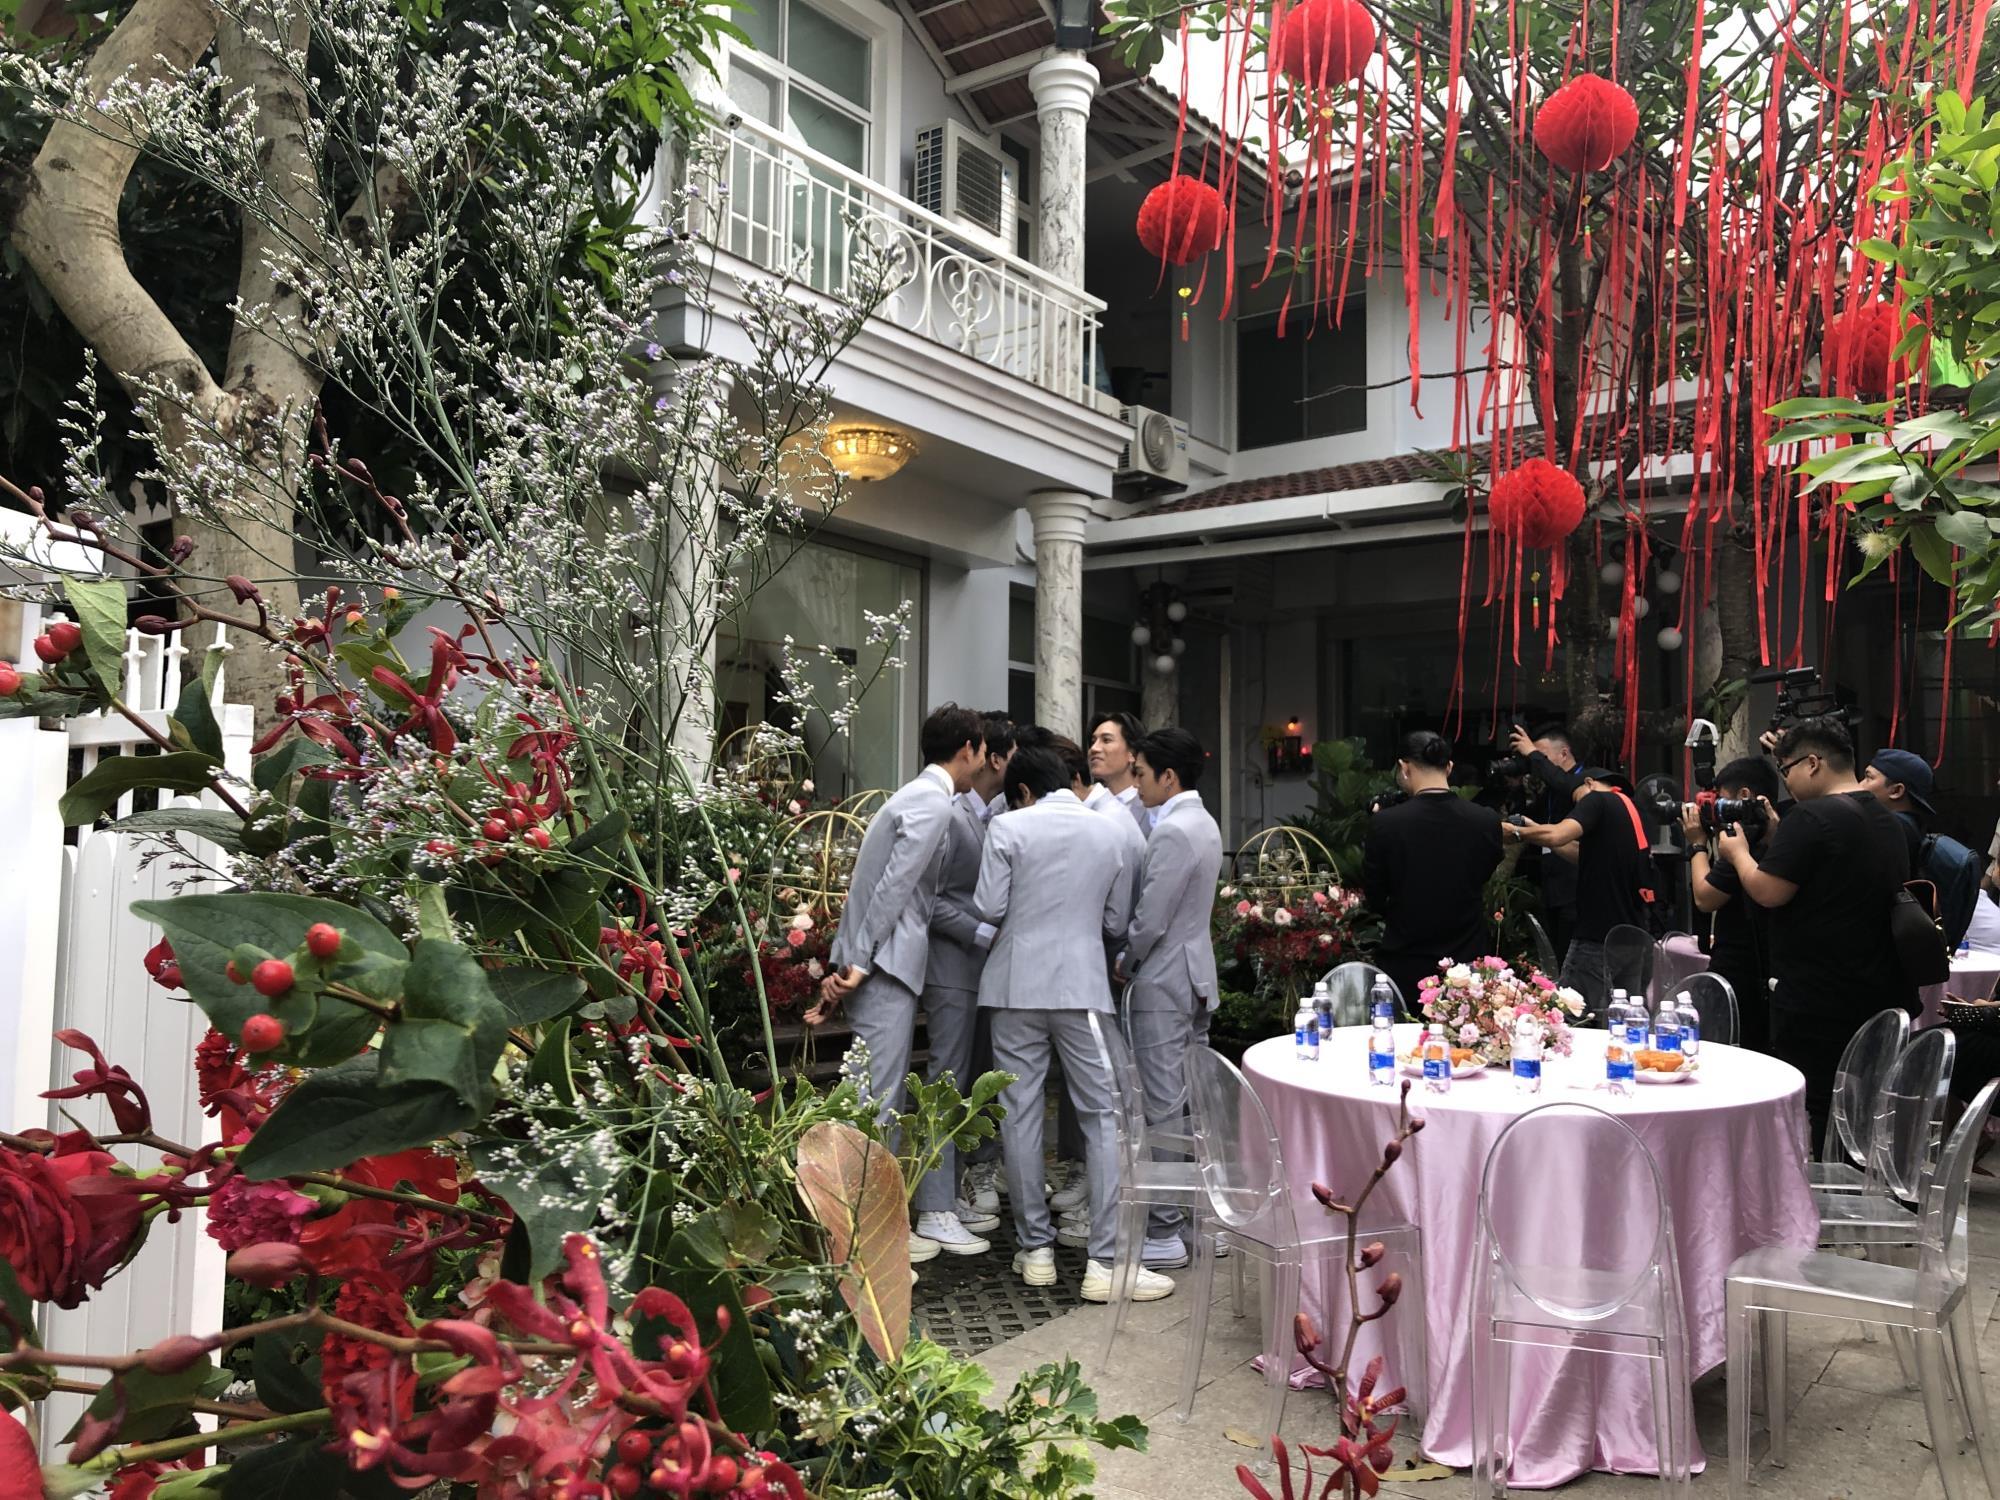 Đám cưới thế kỷ Đông Nhi - Ông Cao Thắng: Chú rể rạng rỡ lái xe rước dâu, dàn phù dâu phù rể đình đám - Ảnh 3